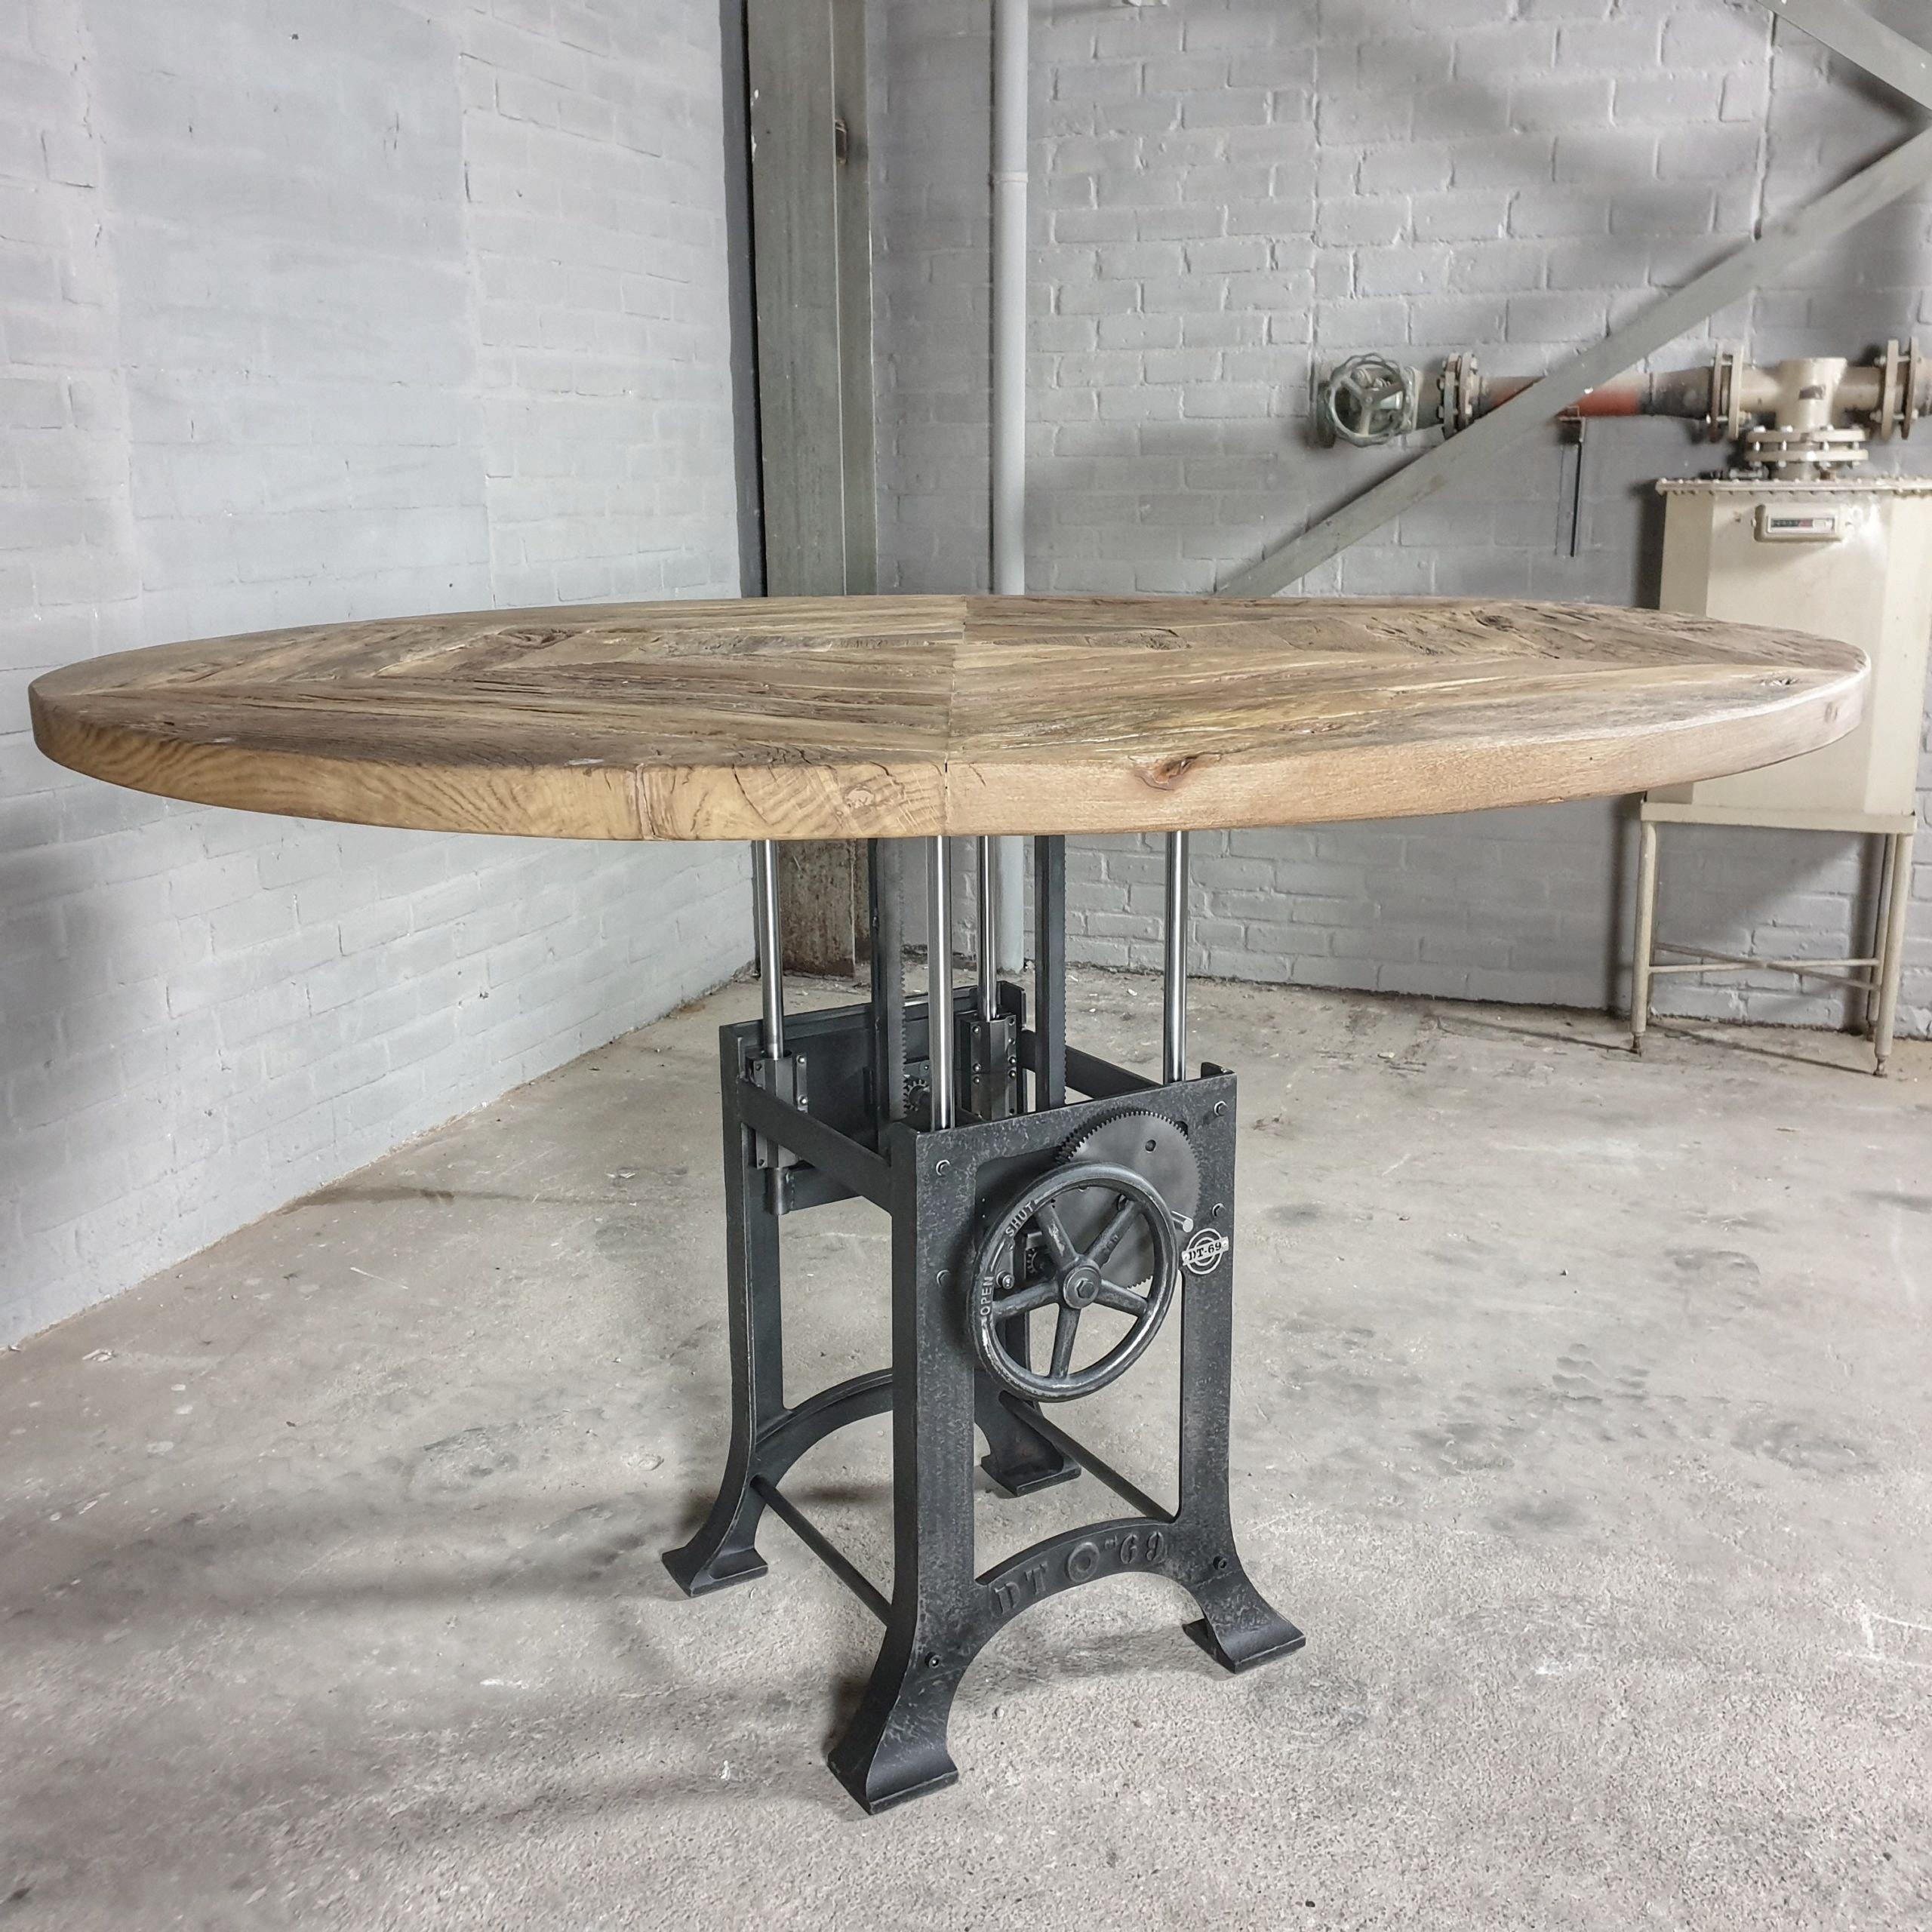 Runder Höhenverstellbare Industrie Design Tisch, sonnenverbrannte Altholz Eiche 5cm dick